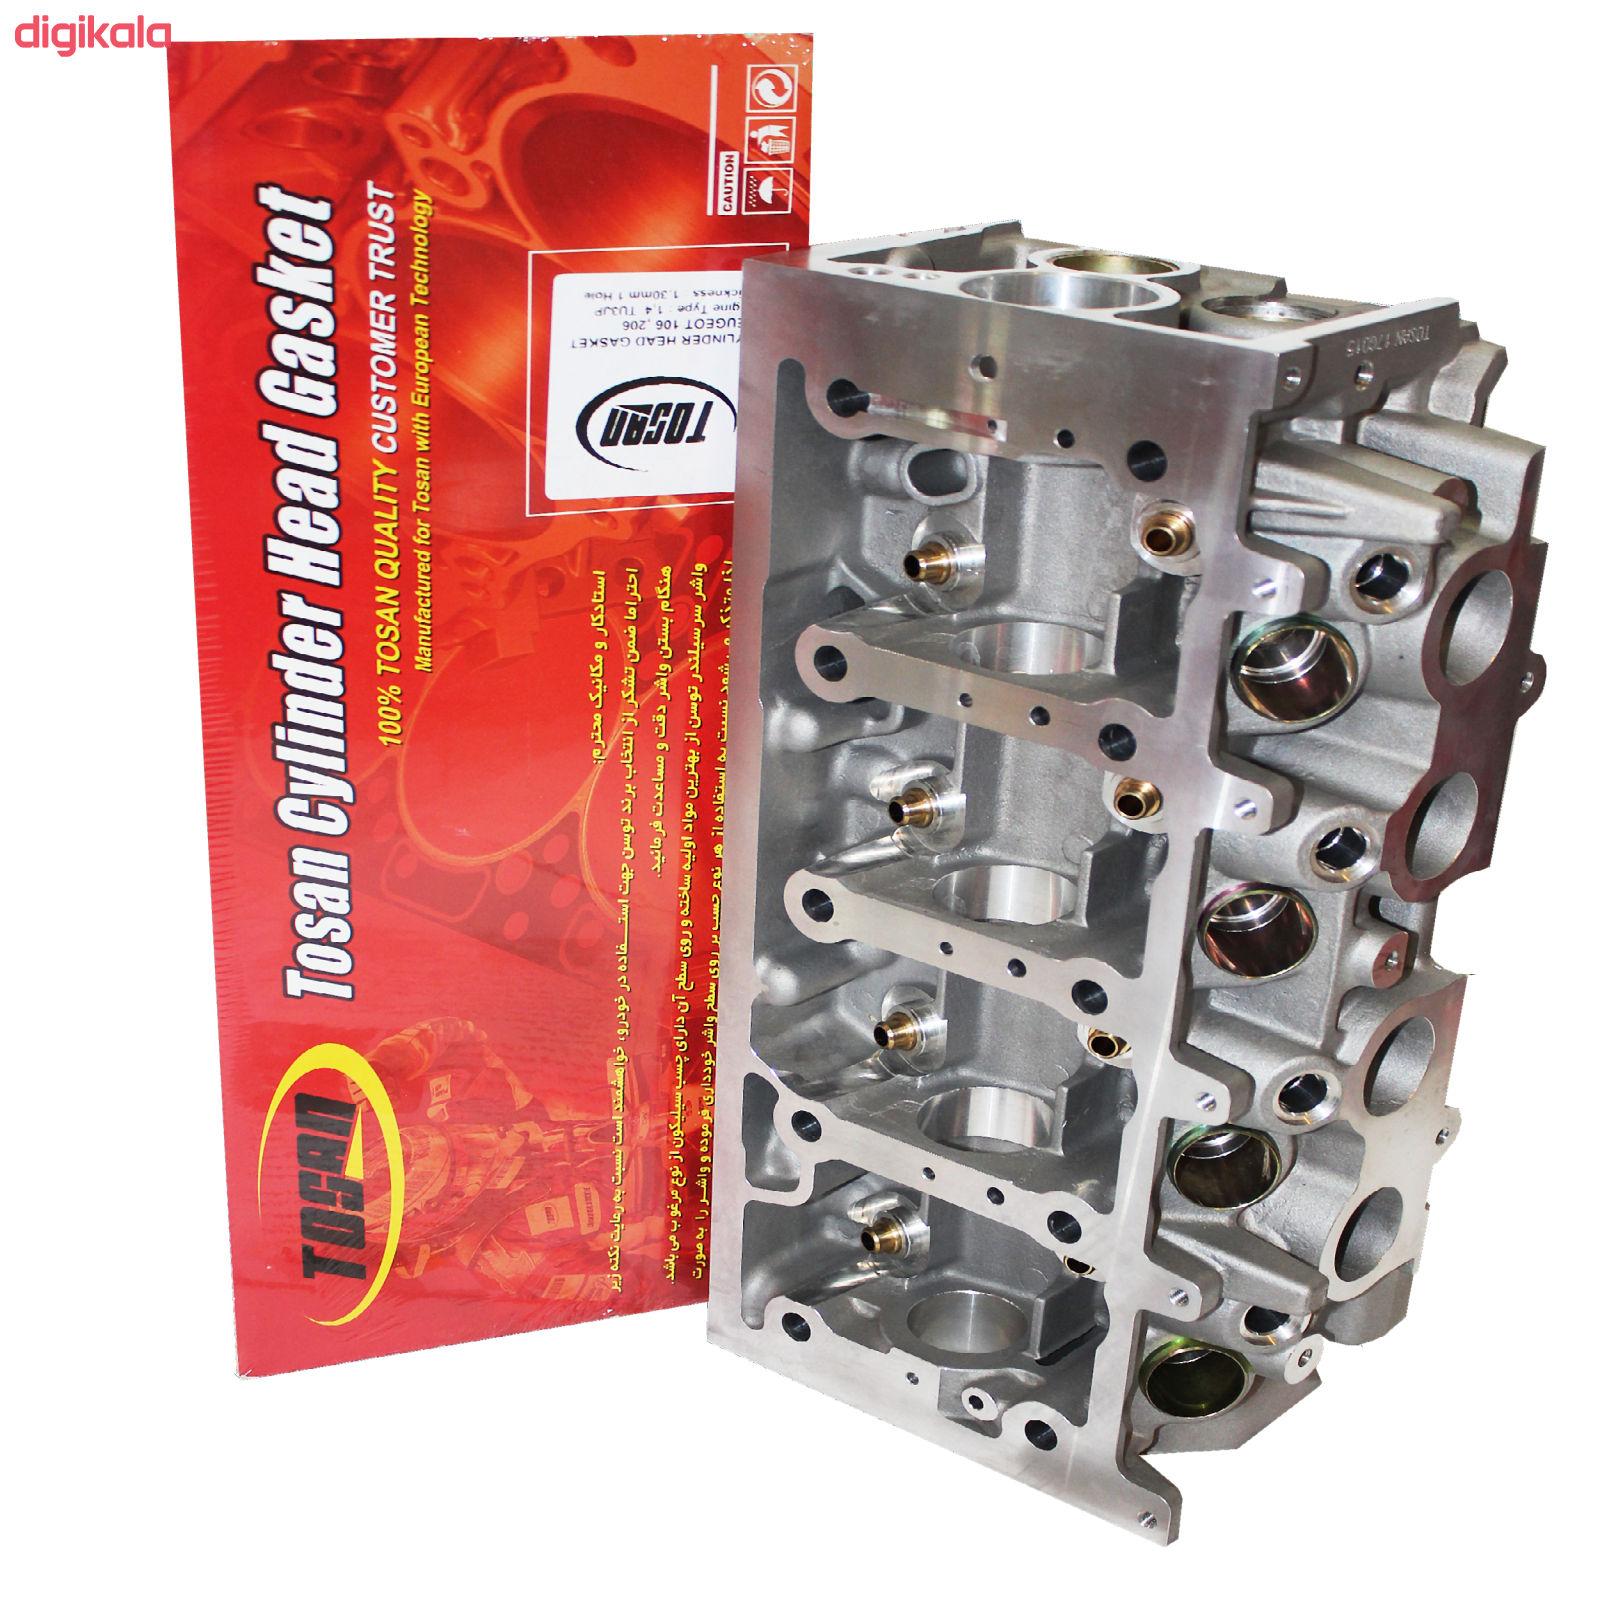 سرسیلندر توسن مدل 048 مناسب برای پژو 206 main 1 1